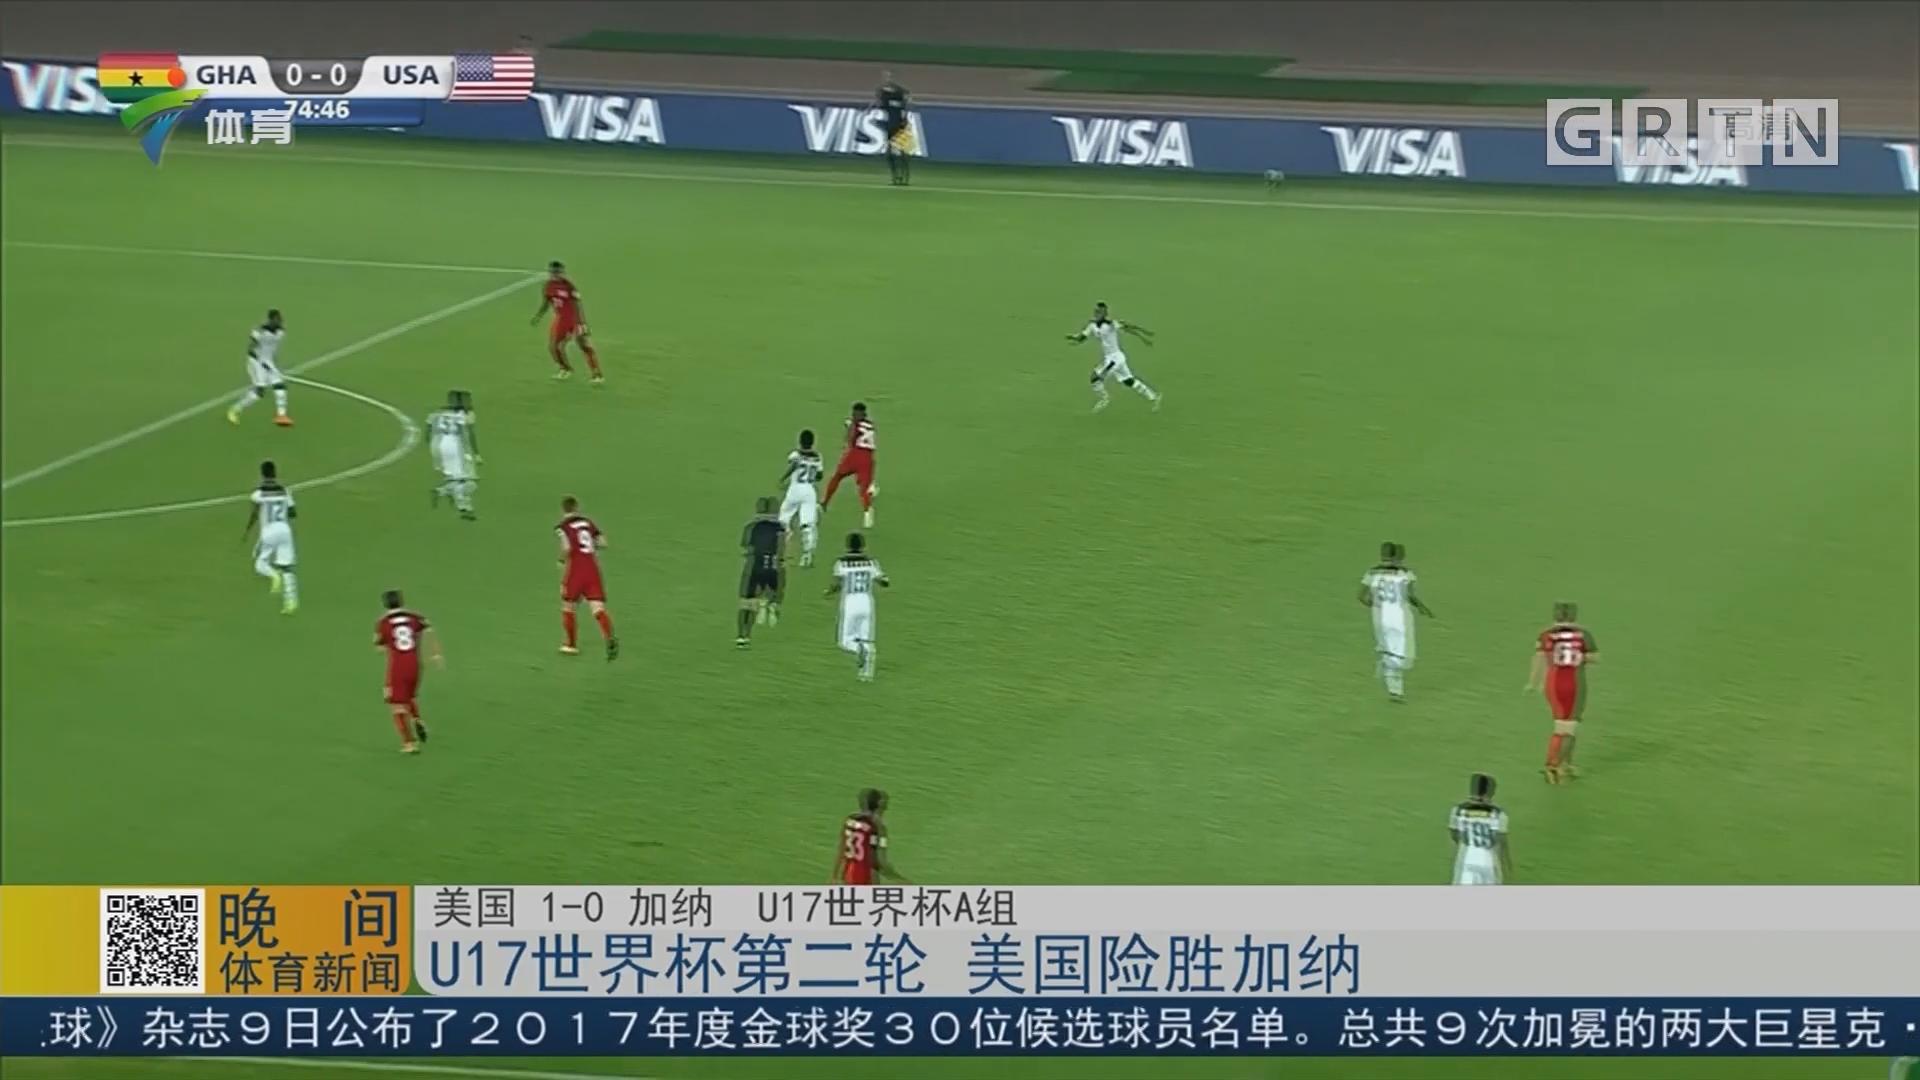 U17世界杯第二轮 美国险胜加纳